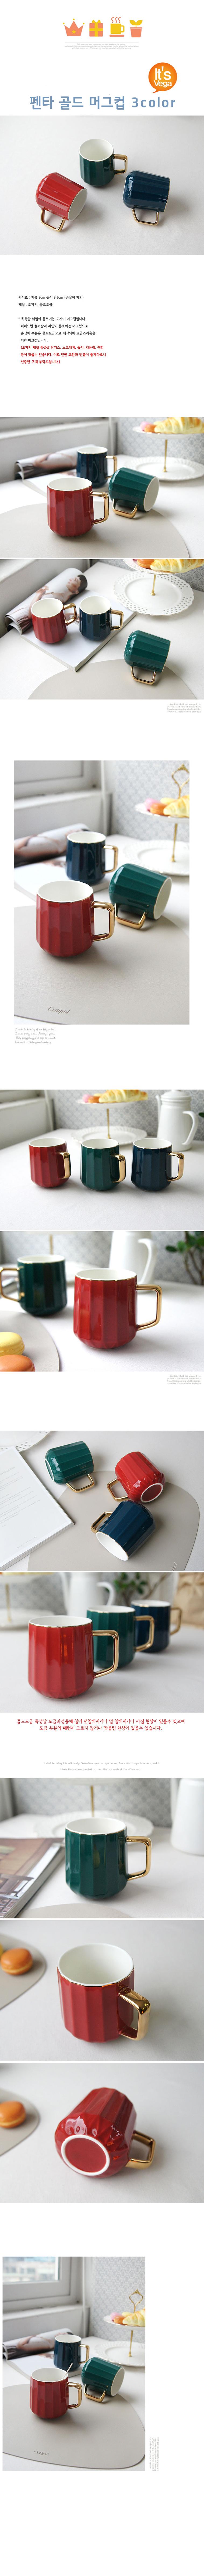 펜타 골드 머그컵 3color - 베가, 21,000원, 머그컵, 심플머그